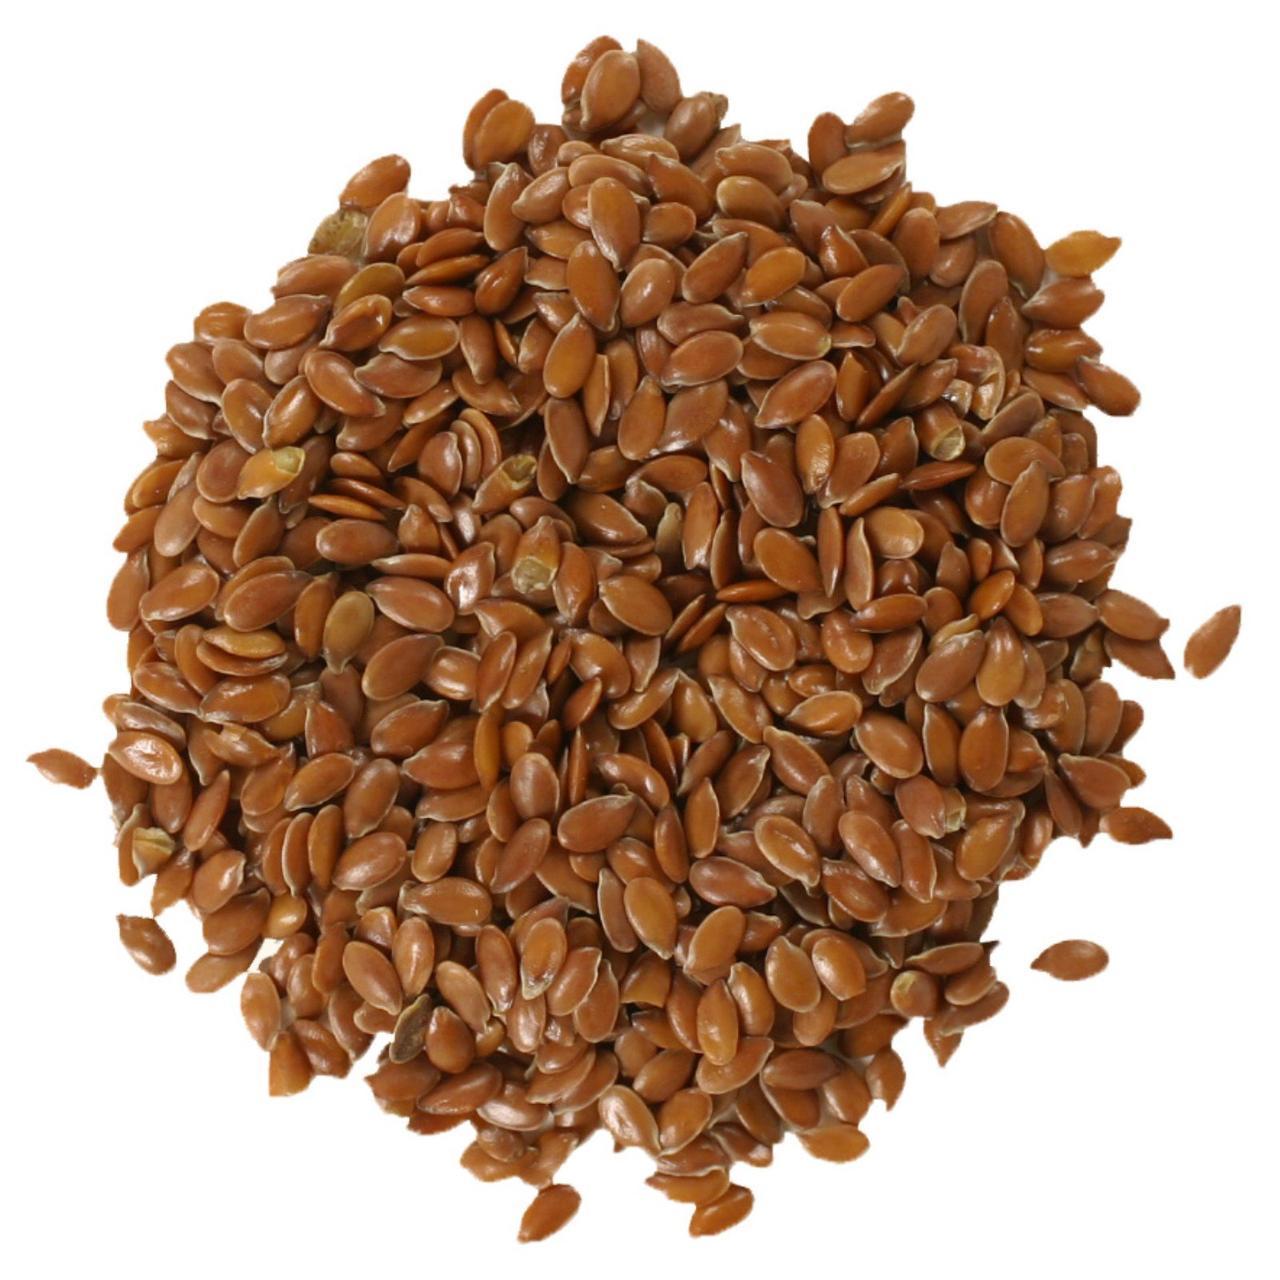 Органические, цельные семена льна Frontier Natural Products, 453 г